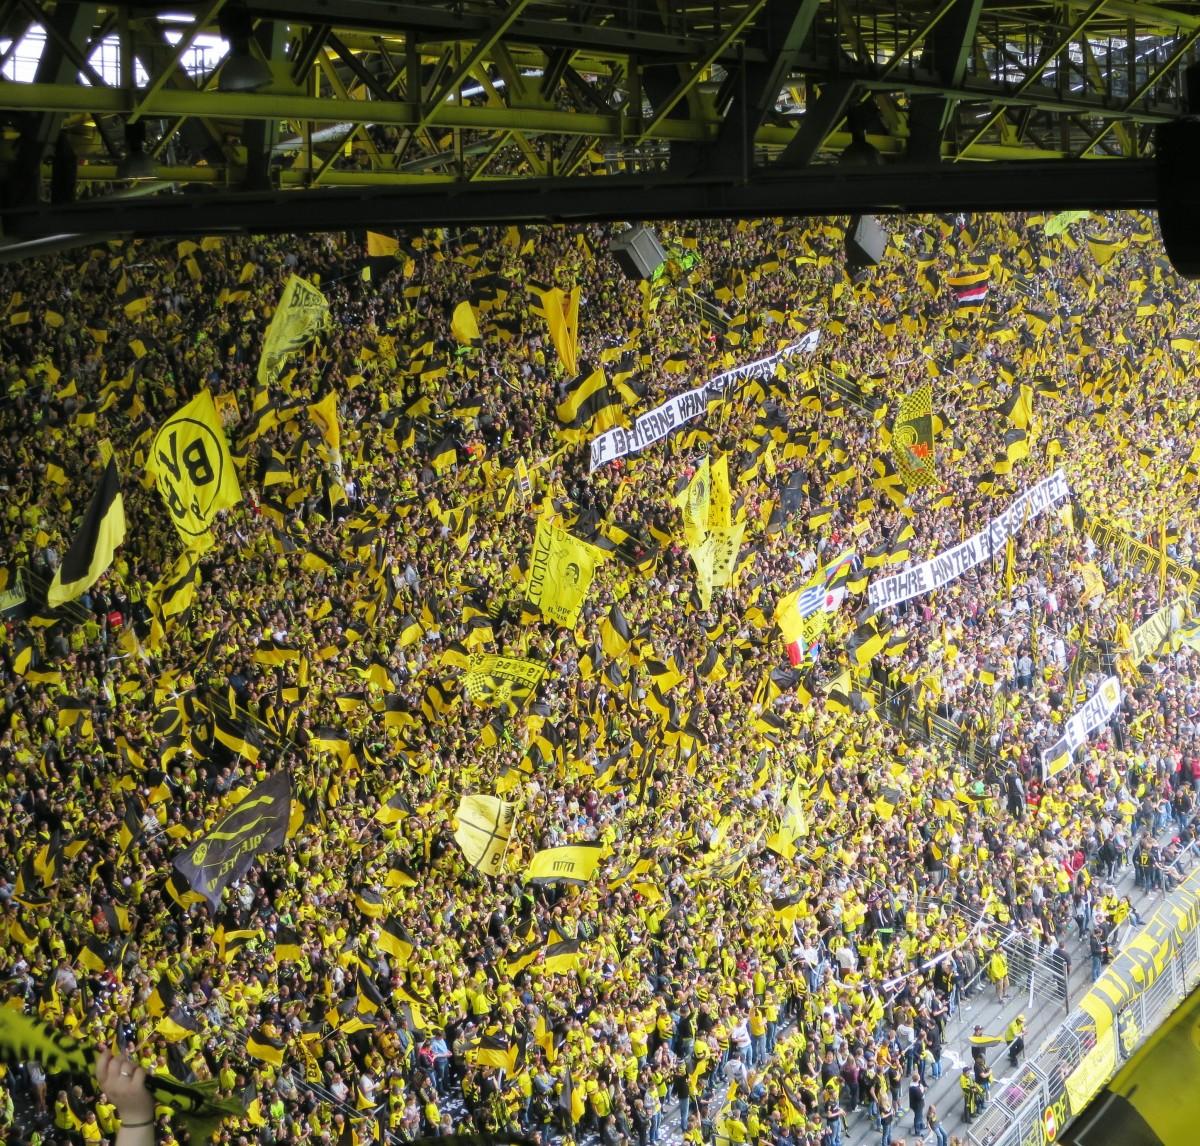 leaf flower botany football flora grandstand art dortmund fans football stadium yellow wall bvb viewers football fans borussia dortmund